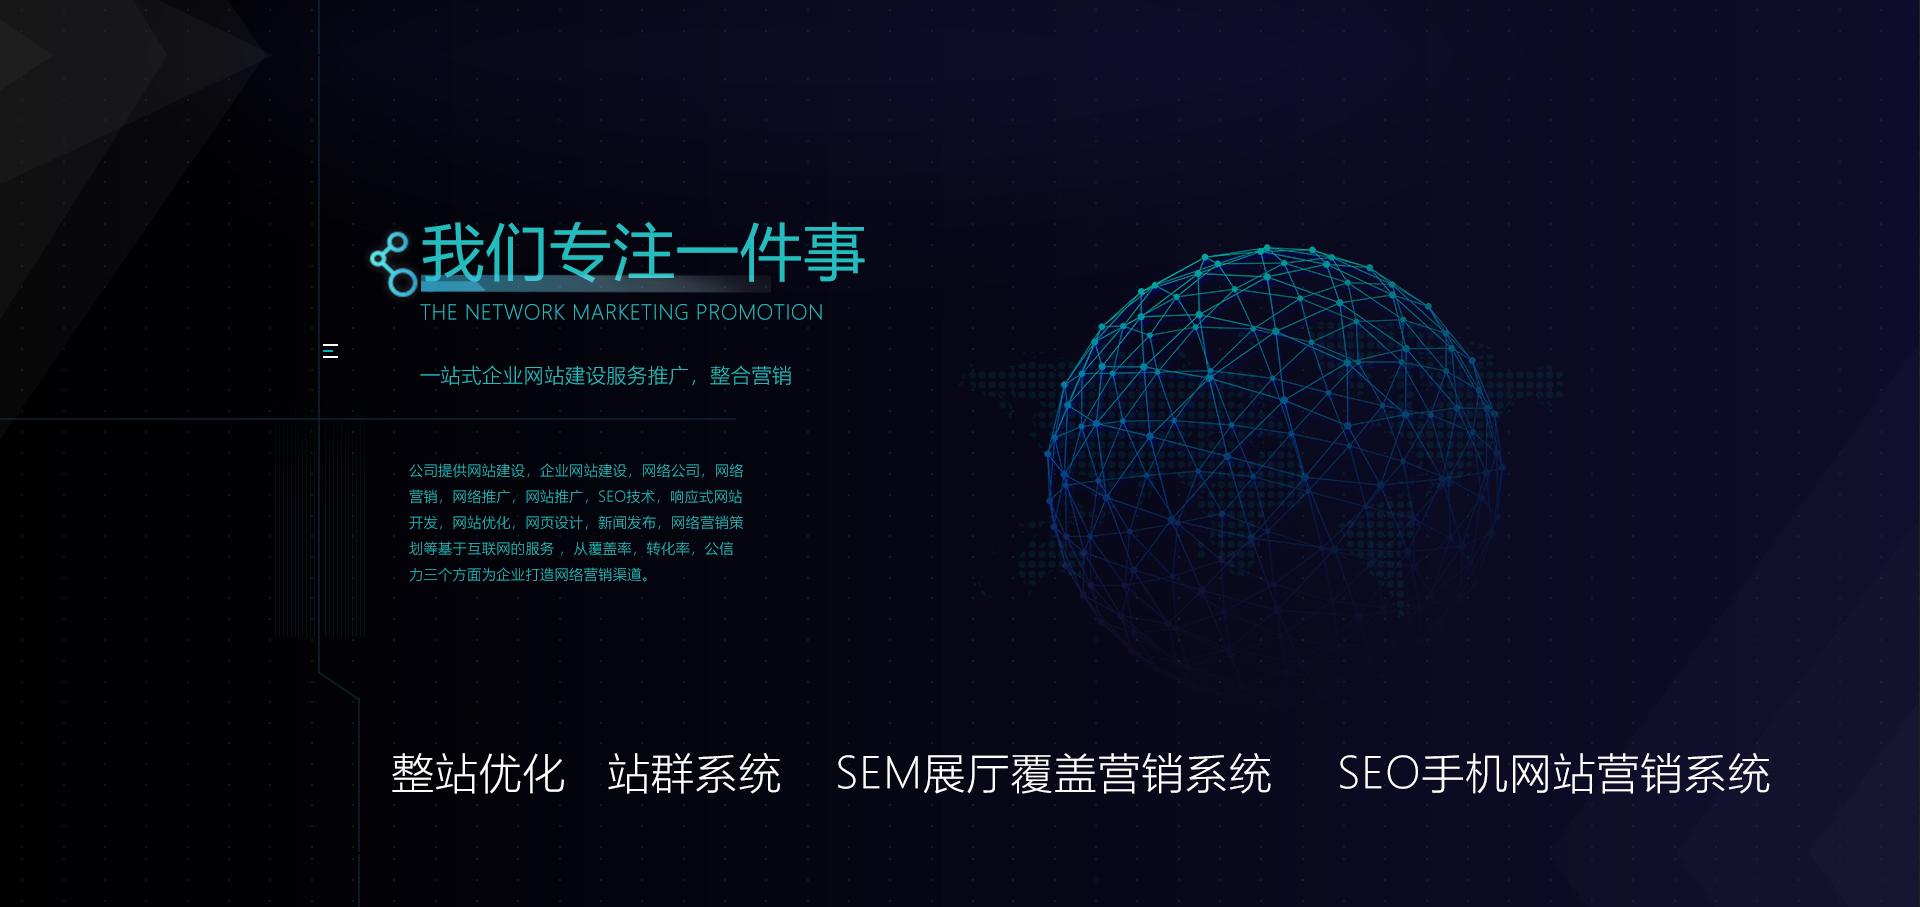 贵阳网络推广价格